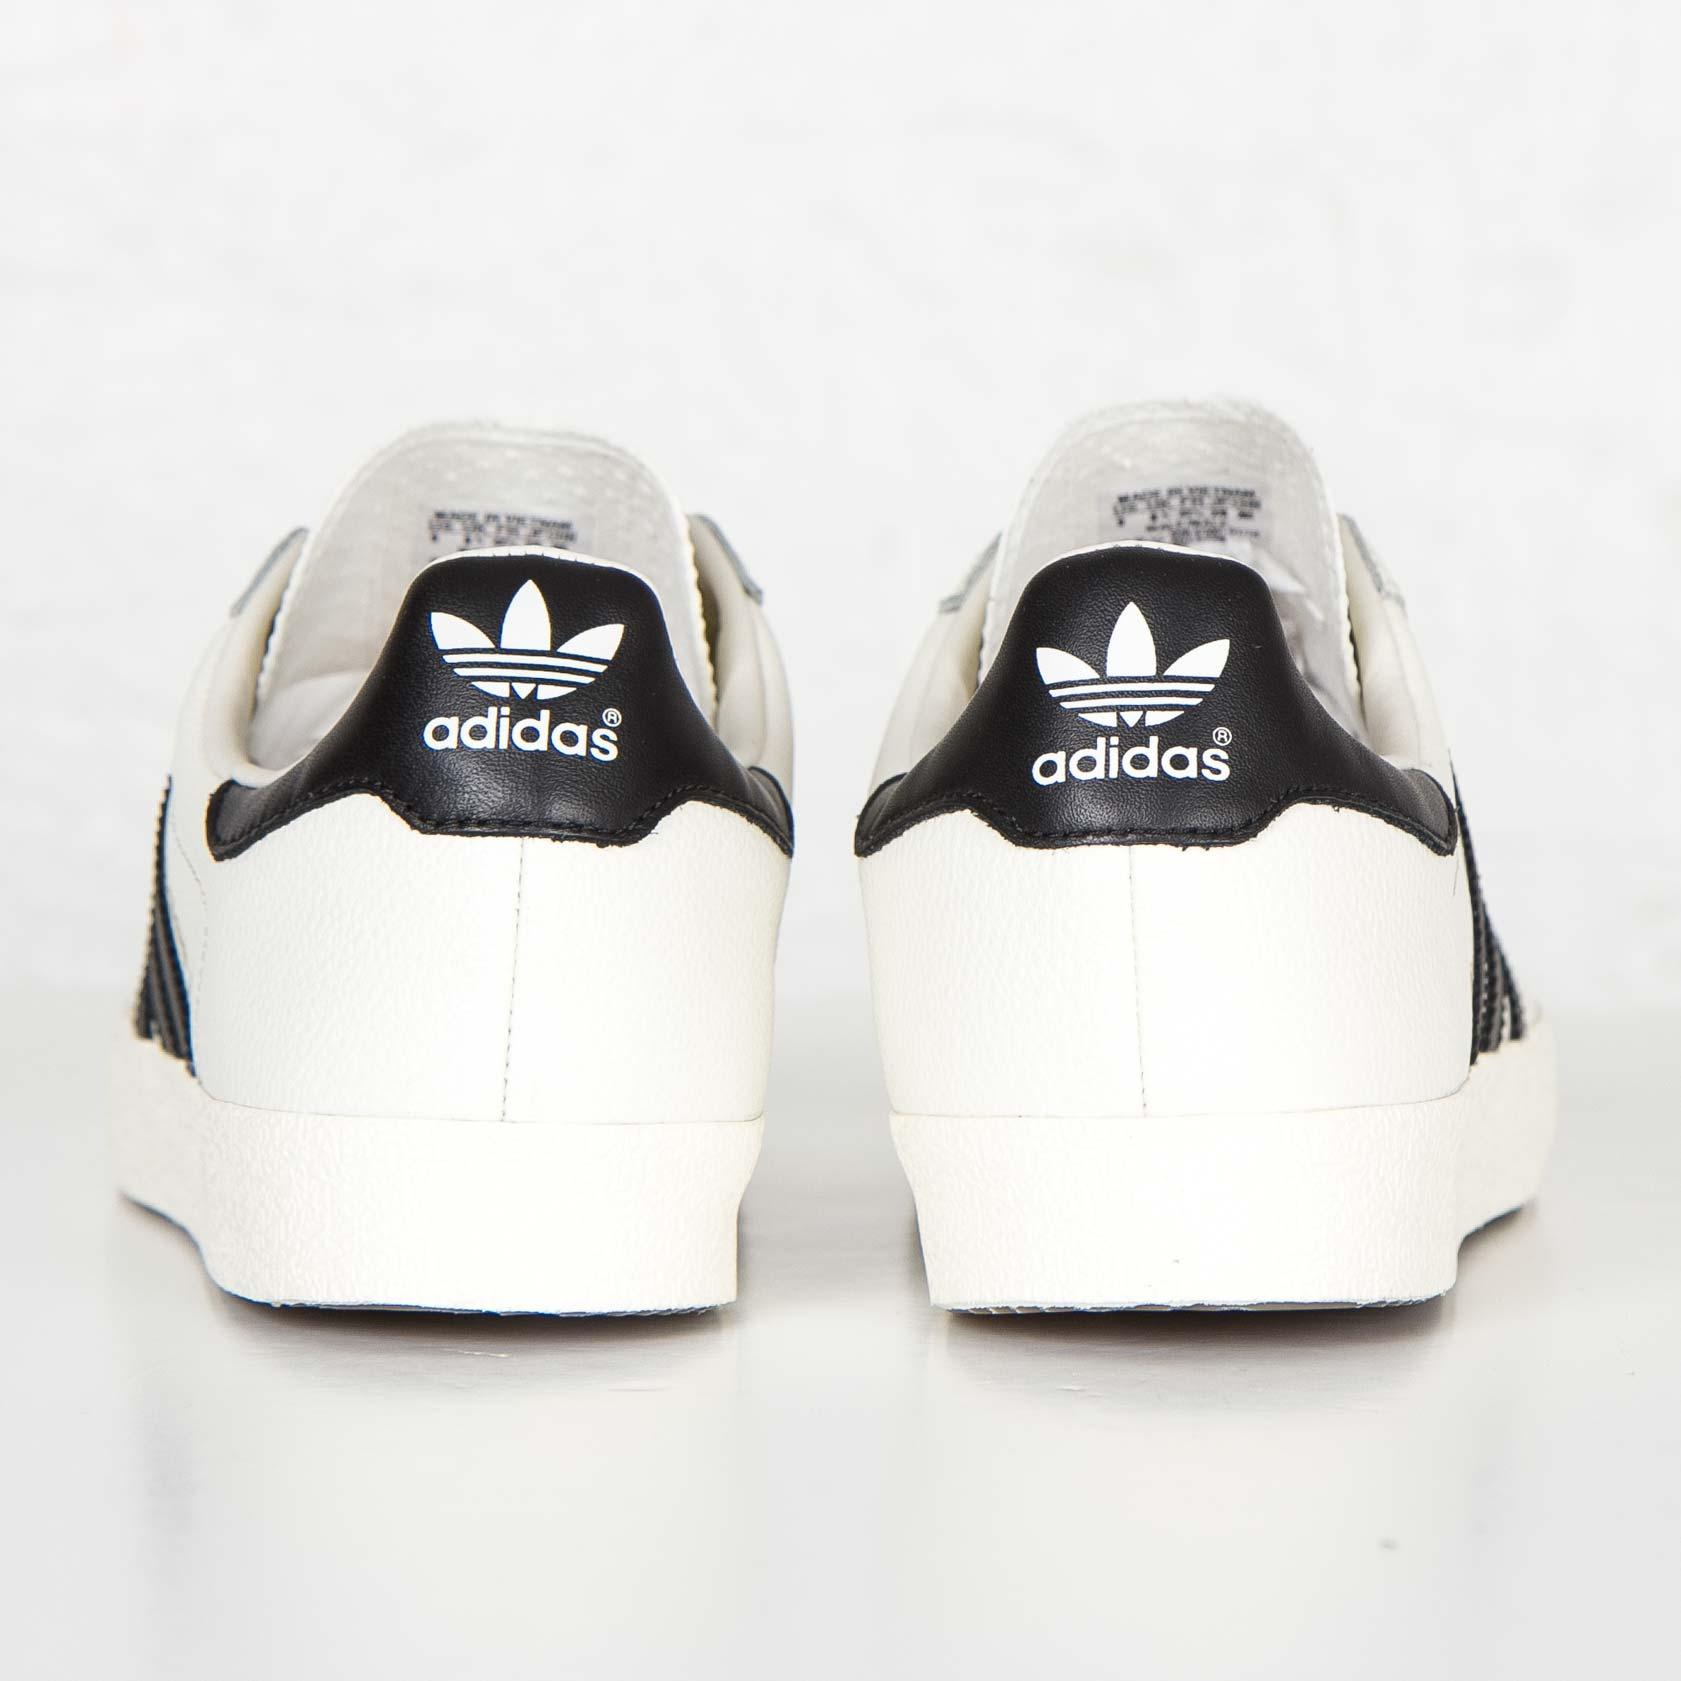 072fbd8fd6f adidas Adidas 350 Spzl - S74861 - Sneakersnstuff